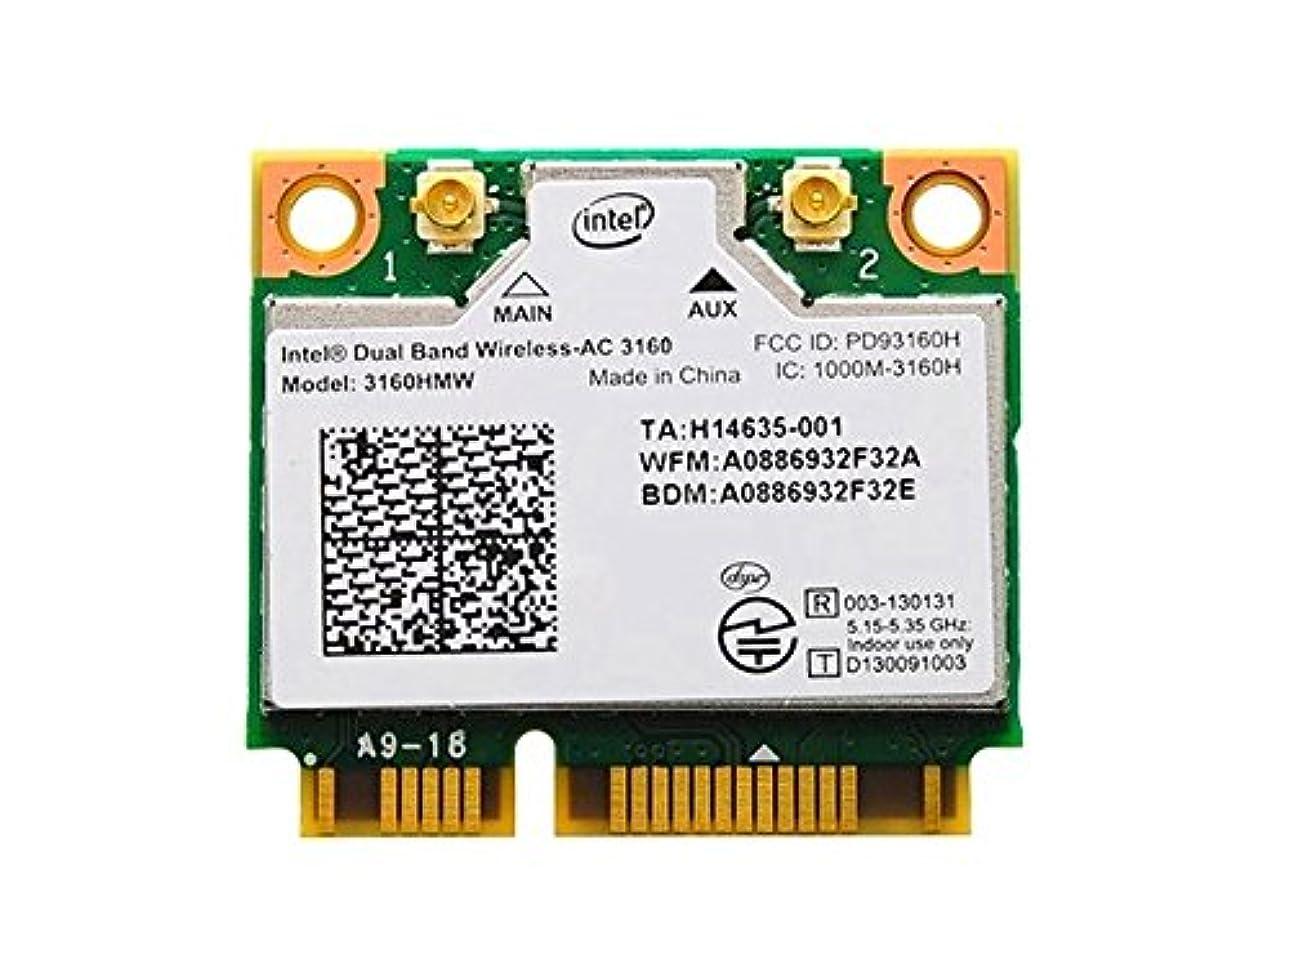 リンケージ七面鳥失インテル Intel Dual Band Wireless-AC 3160 デュアルバンド 2.4/5GHz 802.11ac 最大433Mbps + Bluetooth 4.0 PCIe Mini half 無線LANカード 3160HMW